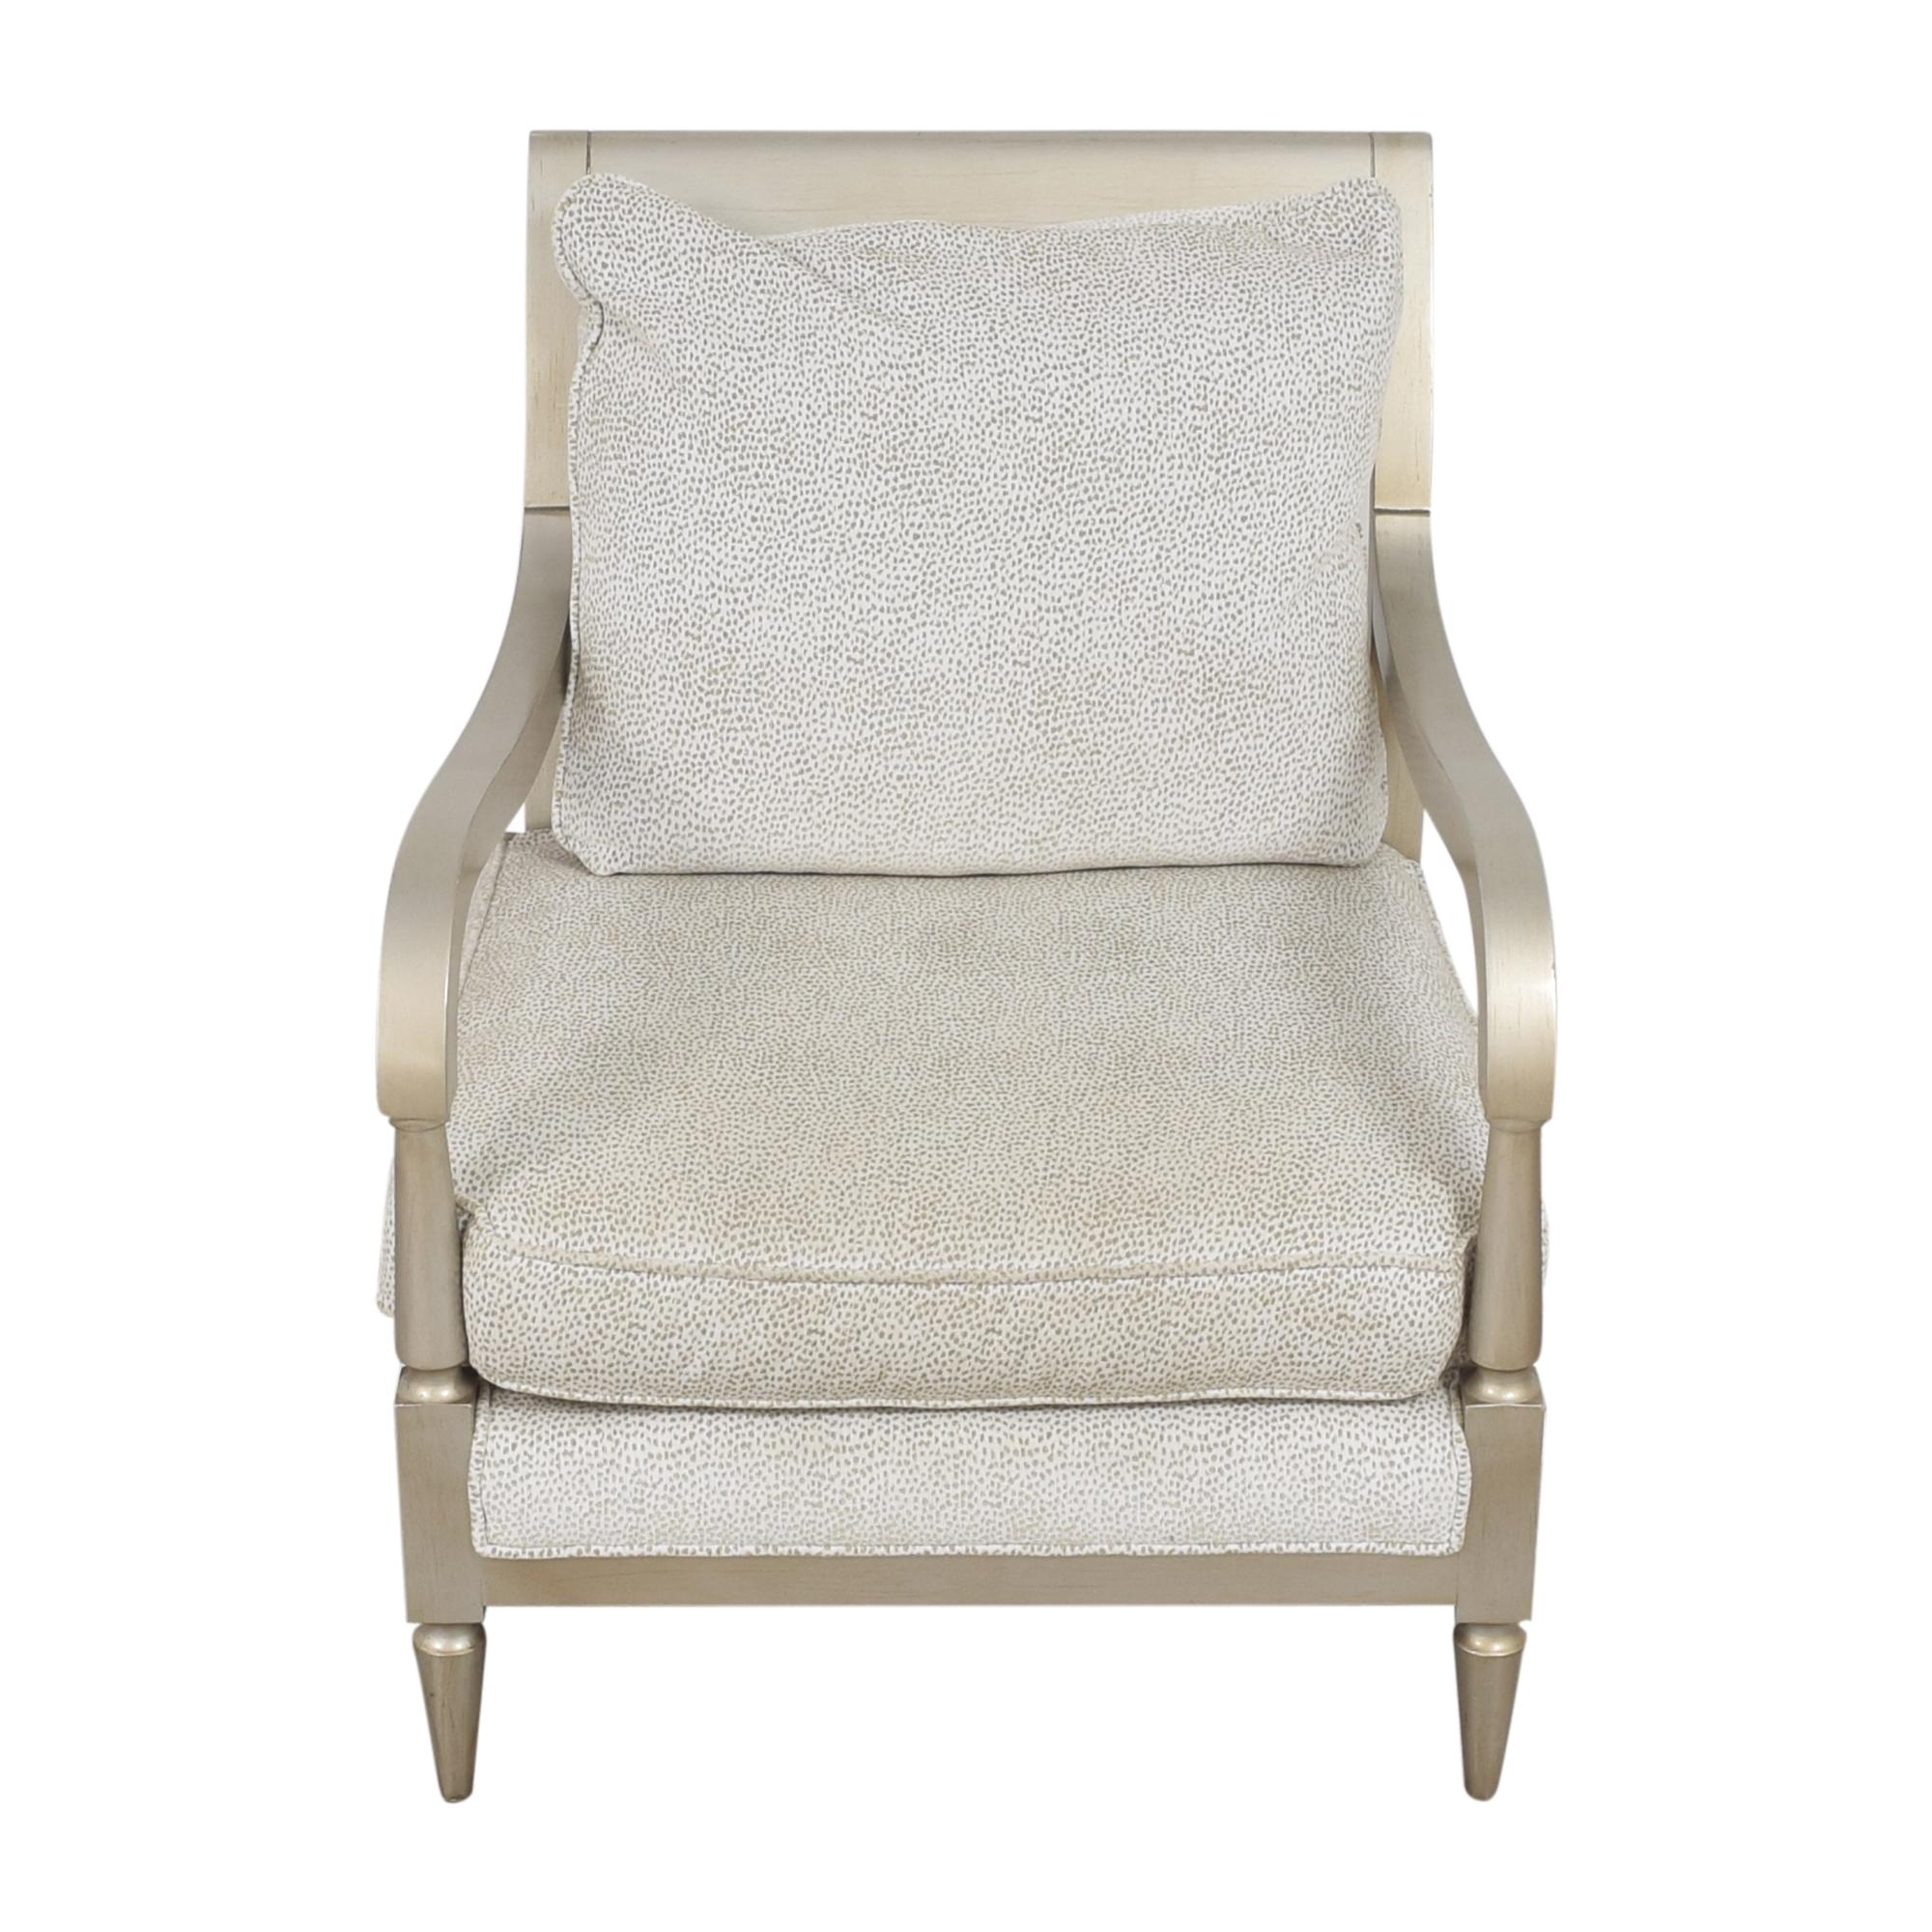 Vanguard Furniture Vanguard Furniture Modern Accent Chair discount